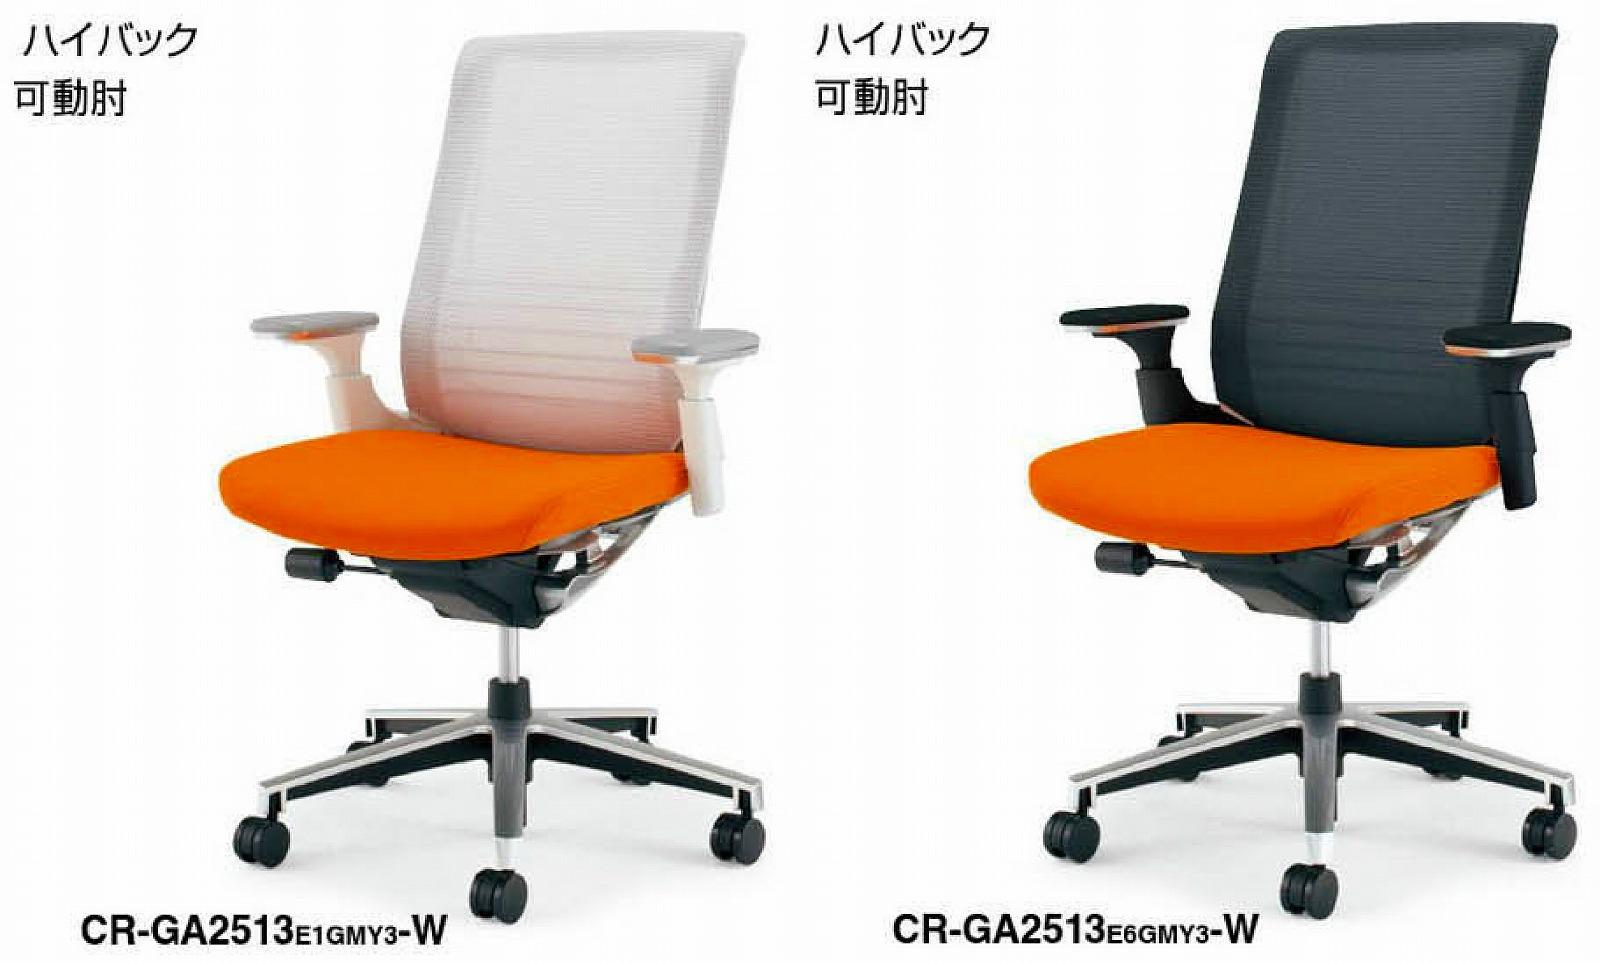 インスパインチェア 【 ハイバック 】 【 可動肘 】 【 選べるフレーム本体と背面カラー 】 【 選べる座面カラー 全8色 】 【 選べるキャスター 】 事務椅子 インスパイン チェア INSPINE パソコンチェア OAチェア PCチェア デスクチェア メッシュチェア